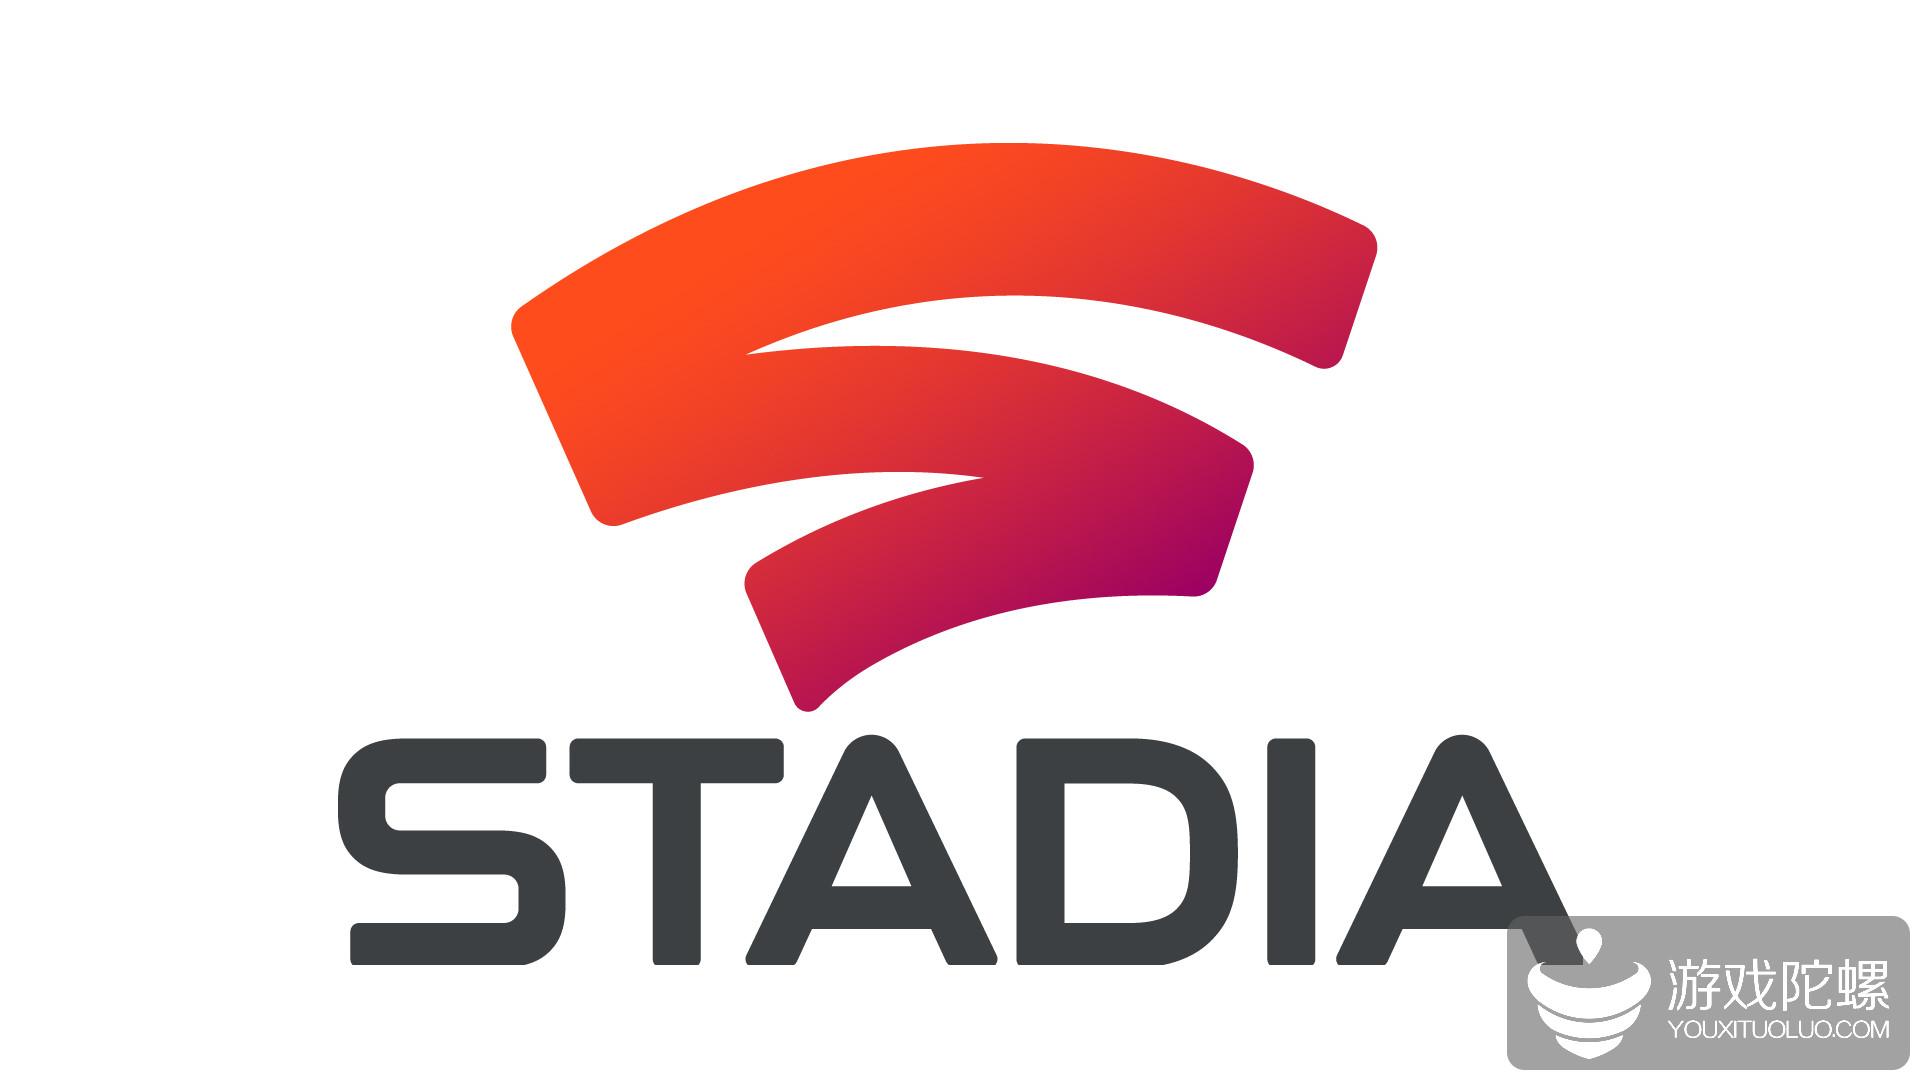 谷歌Stadia公布12款首发游戏阵容,11月19日正式上线